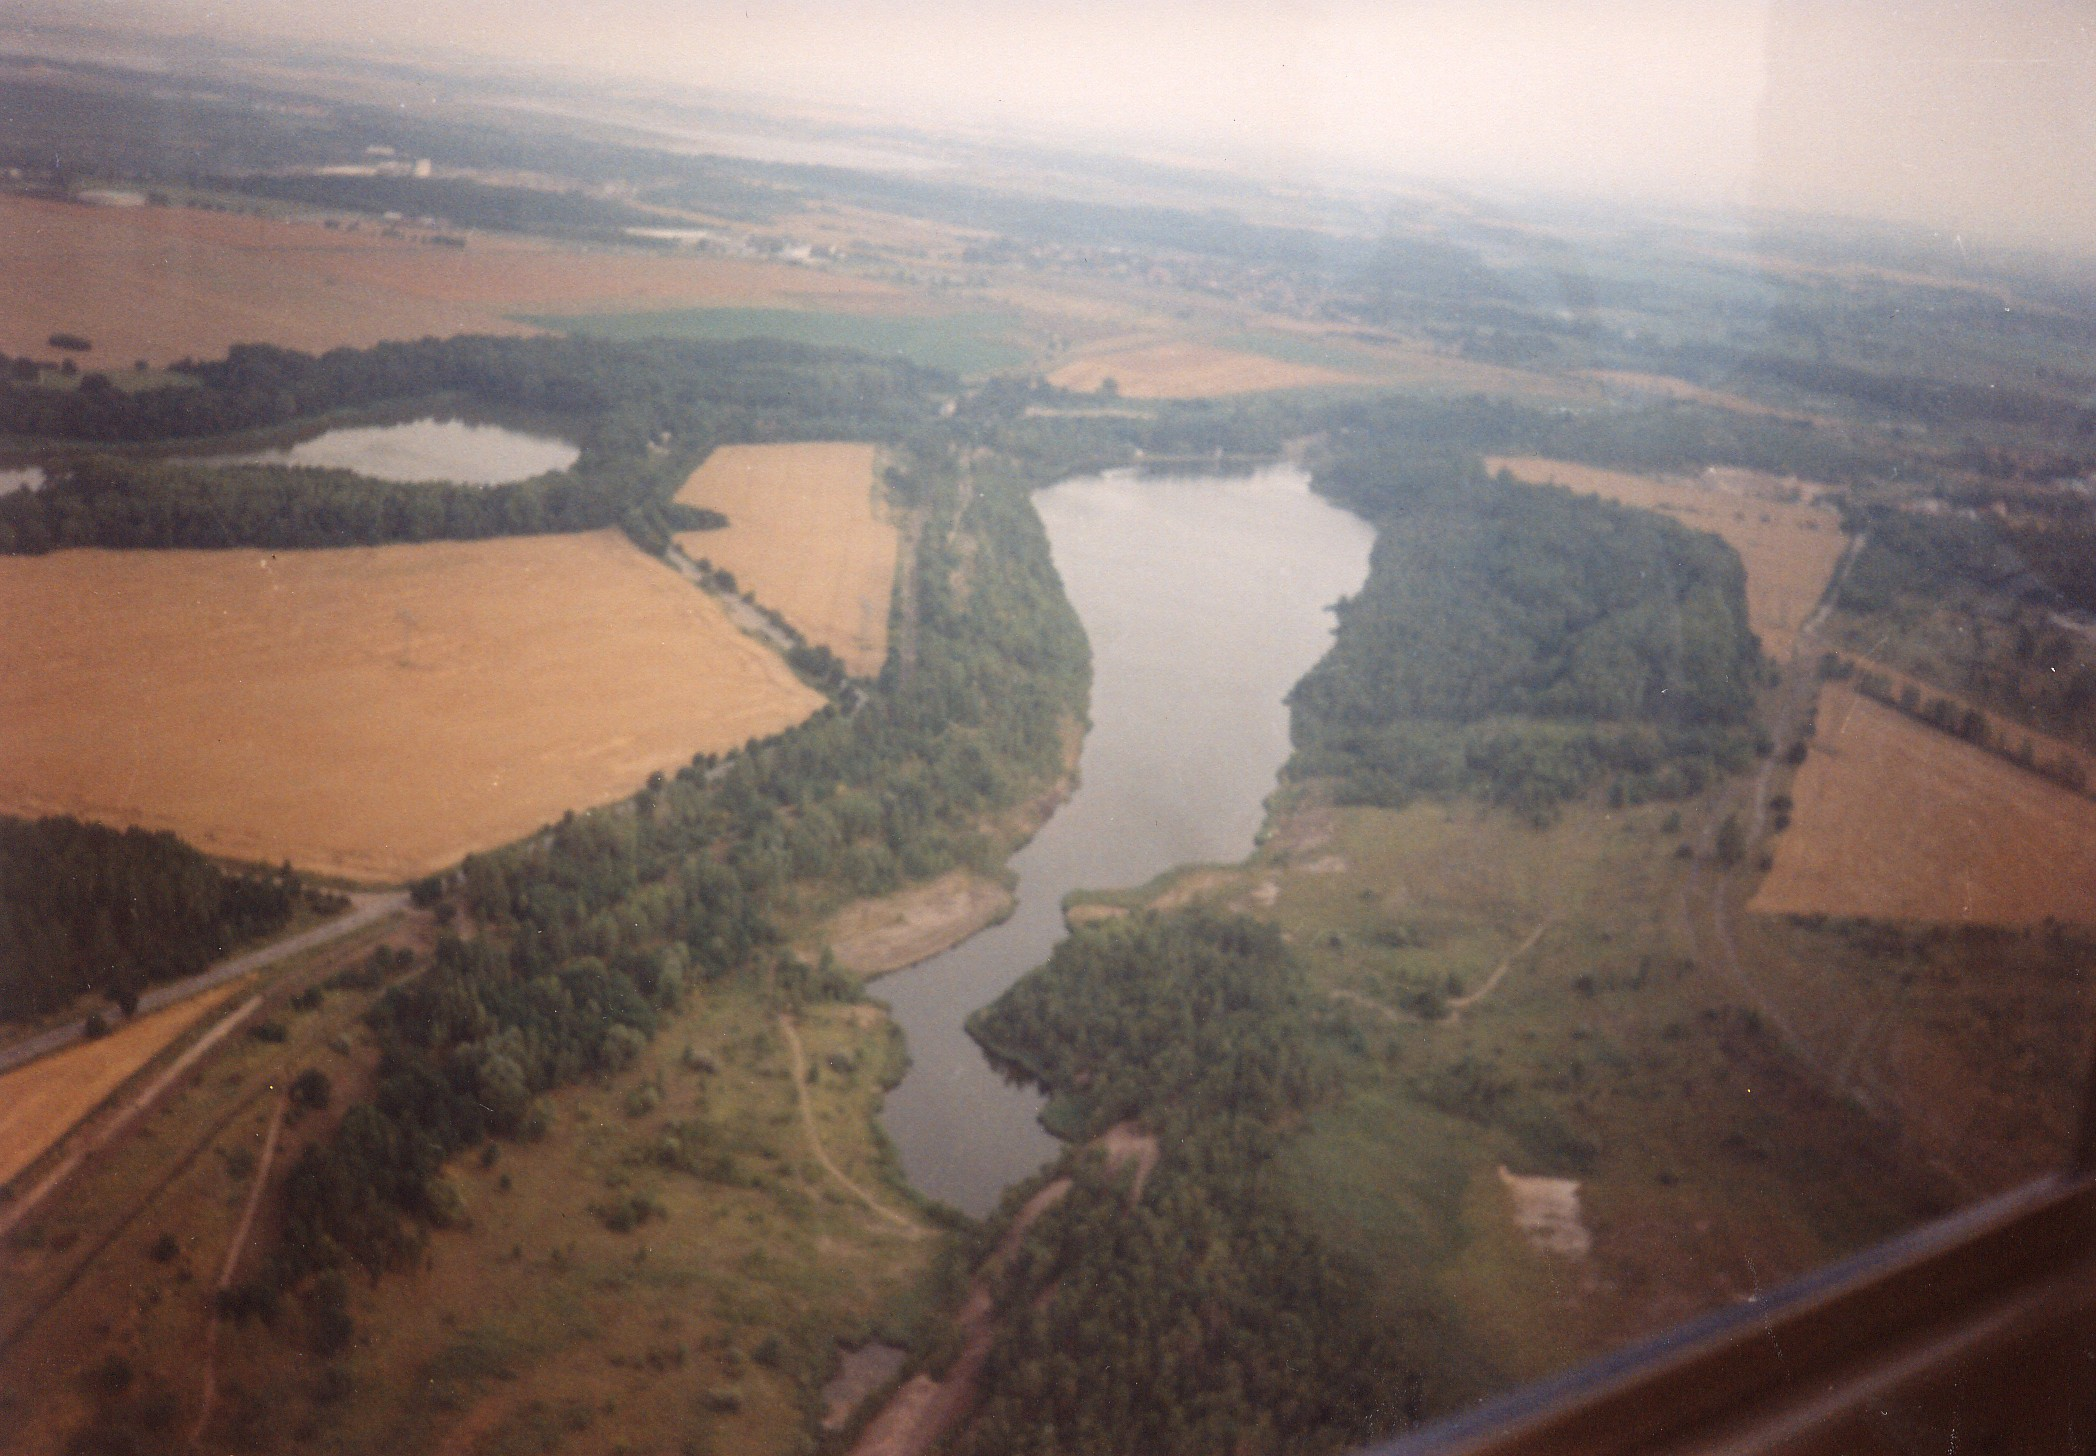 Luftaufnahme aus Richtung Bucht